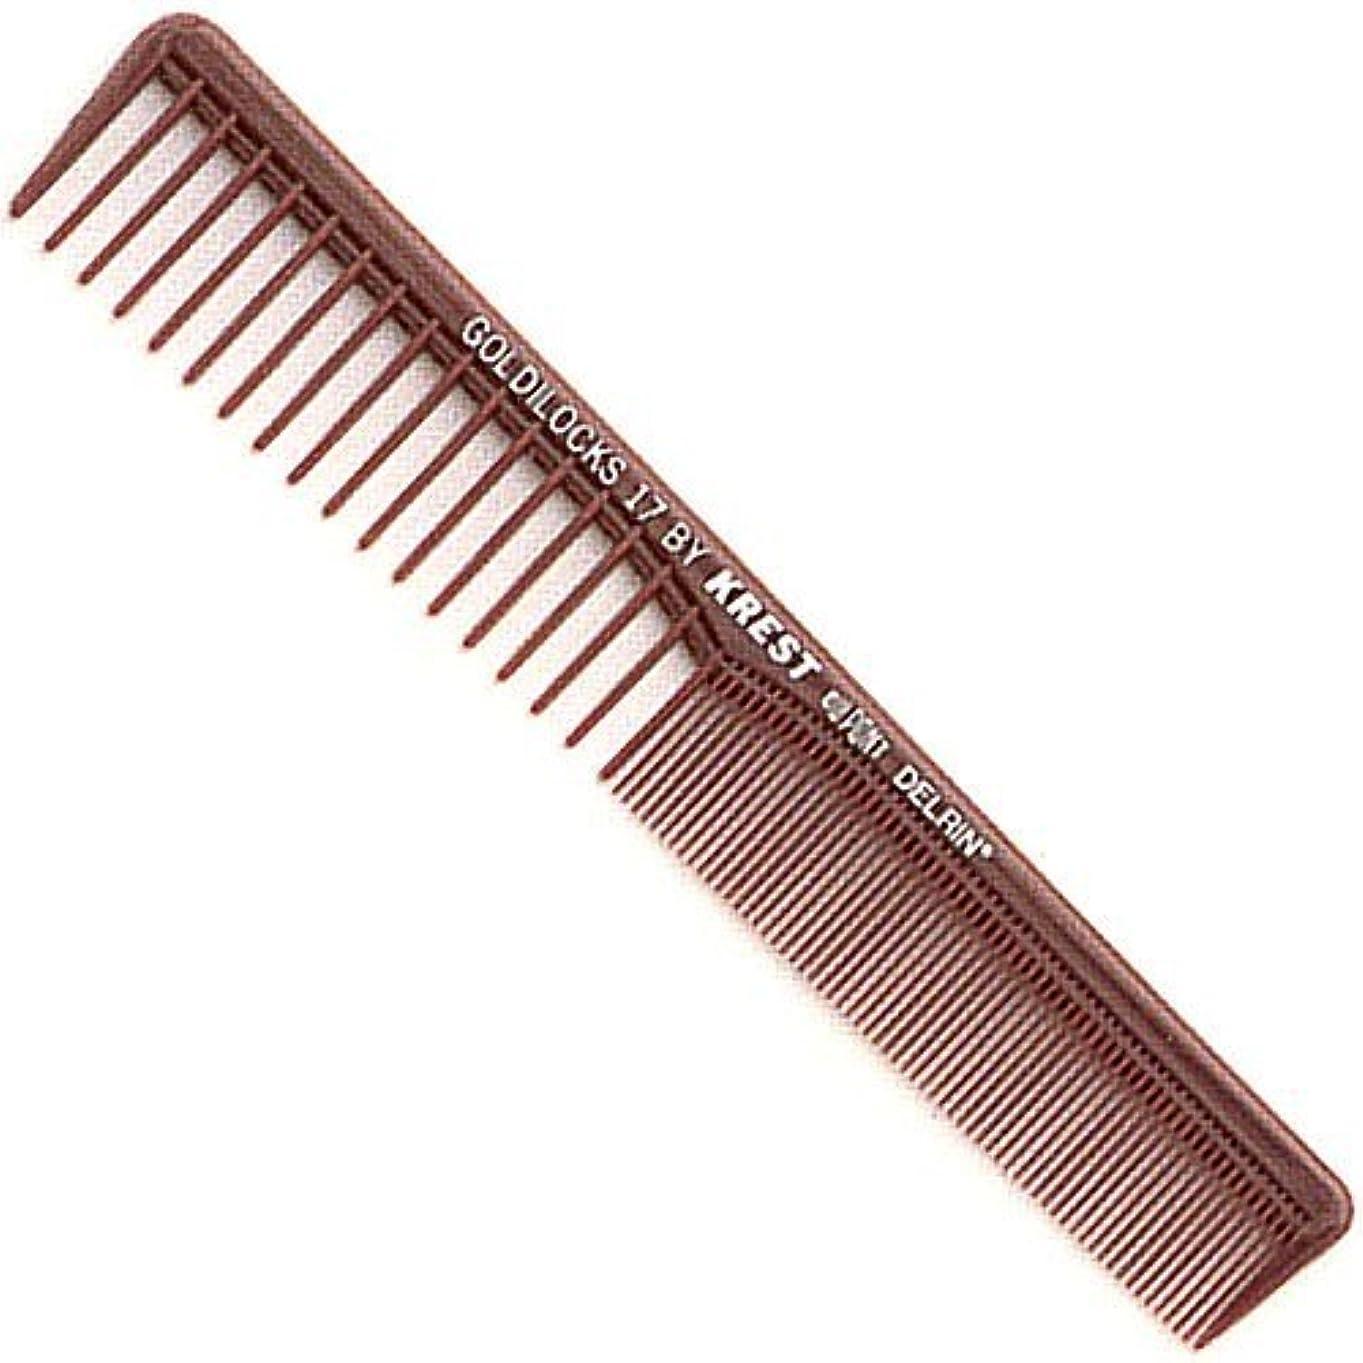 モロニック織る衰えるKrest Combs Goldilocks Space Tooth Fine Tooth Styler Comb 7